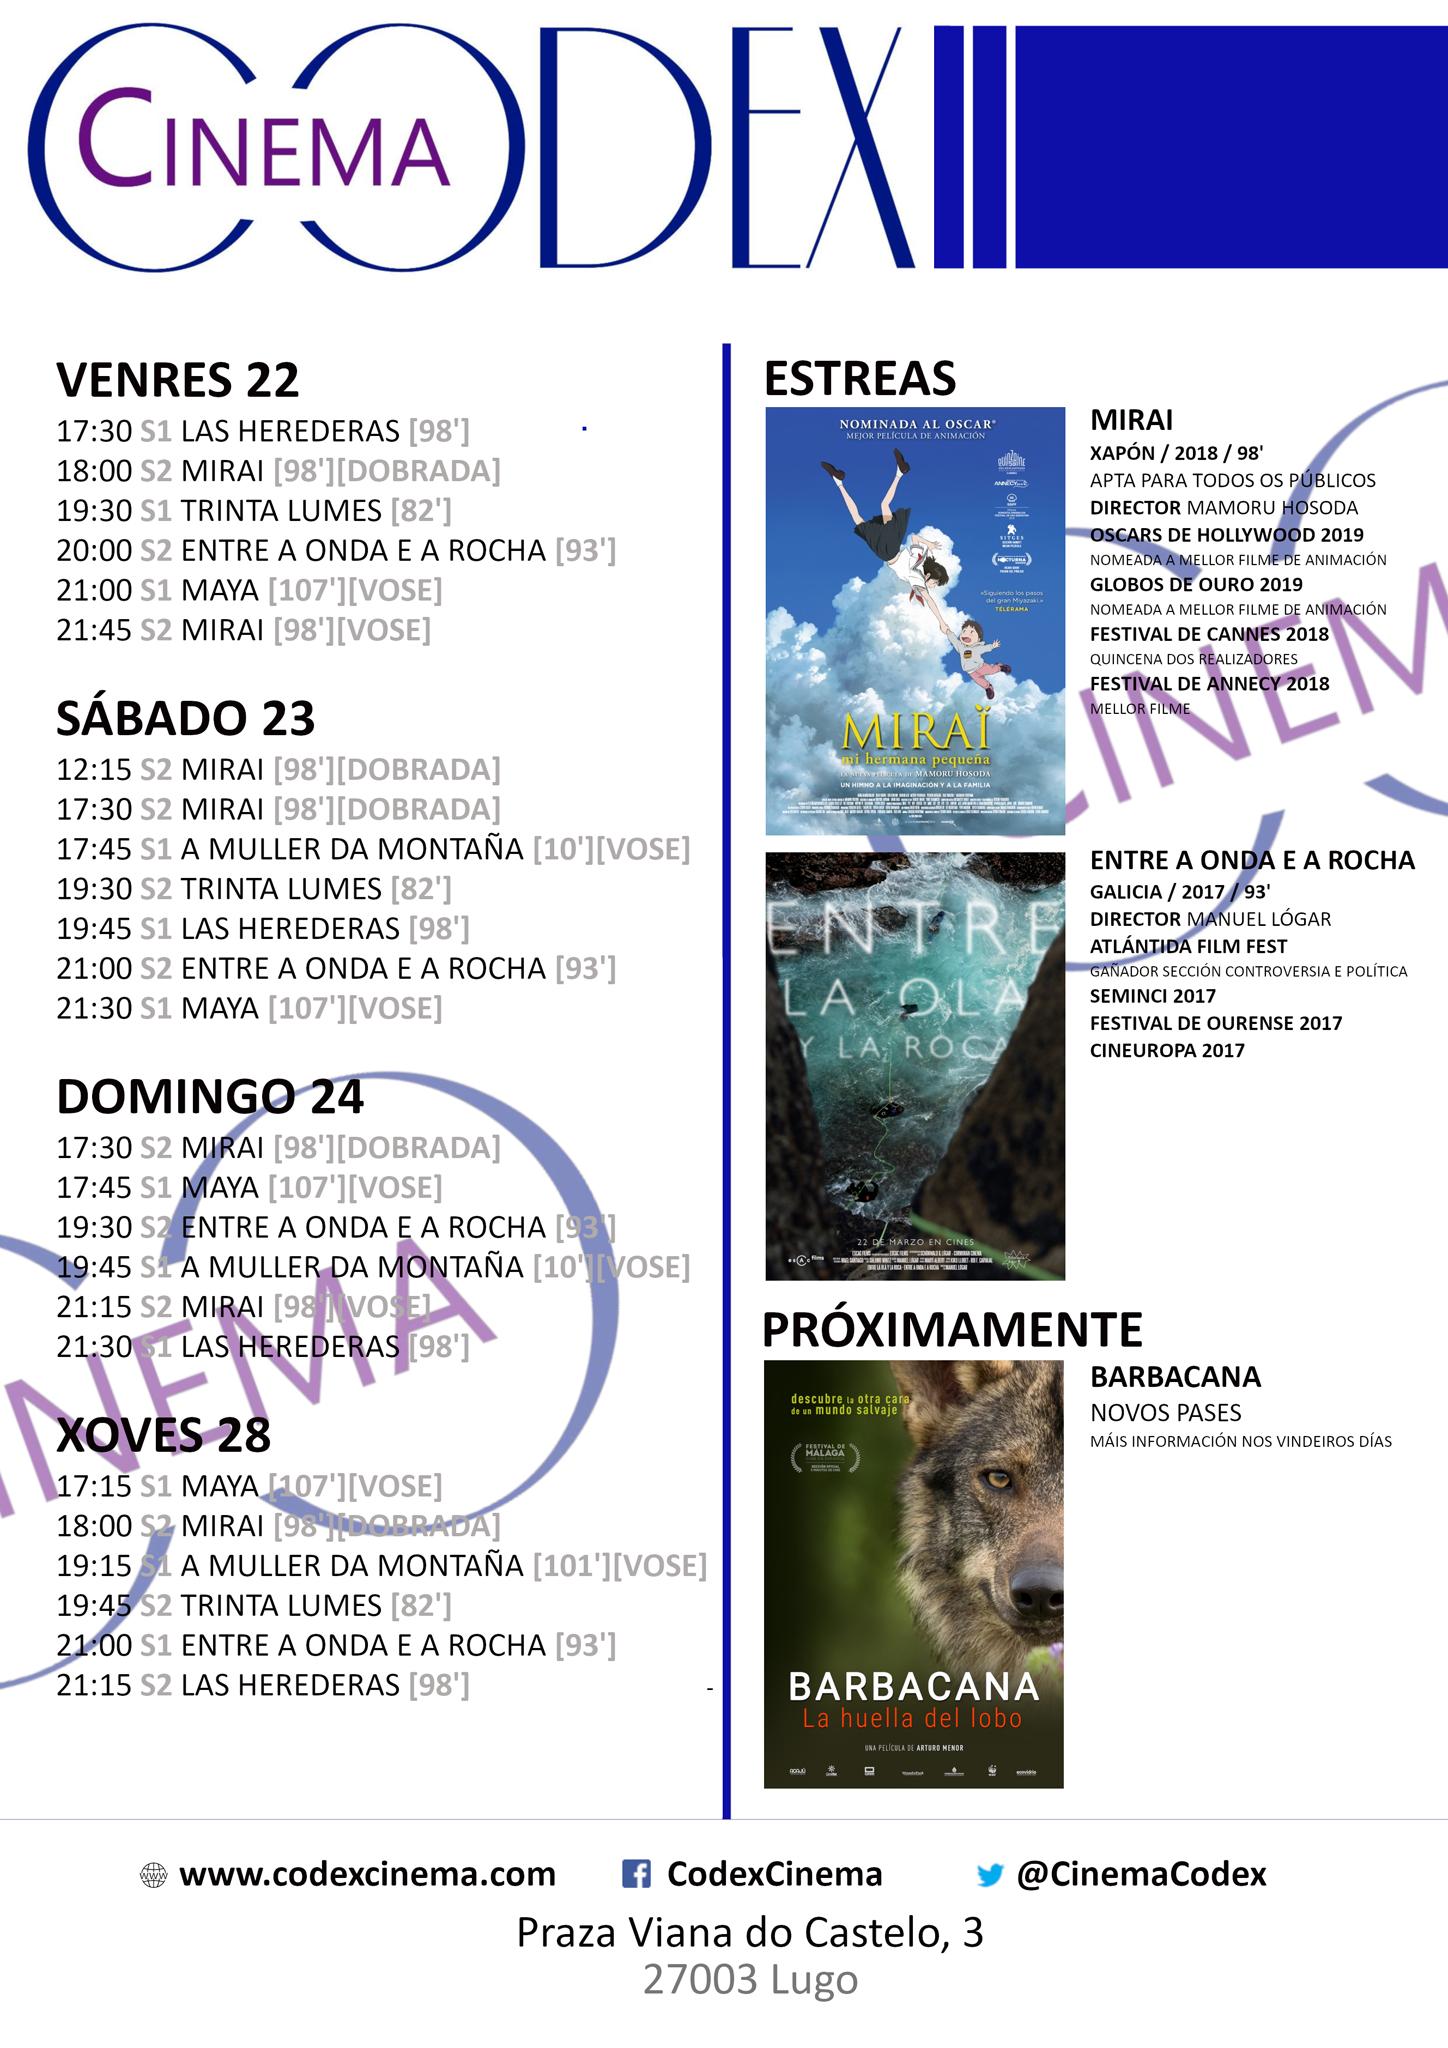 Películas en el Codex Cinema del 22 al 28 de marzo